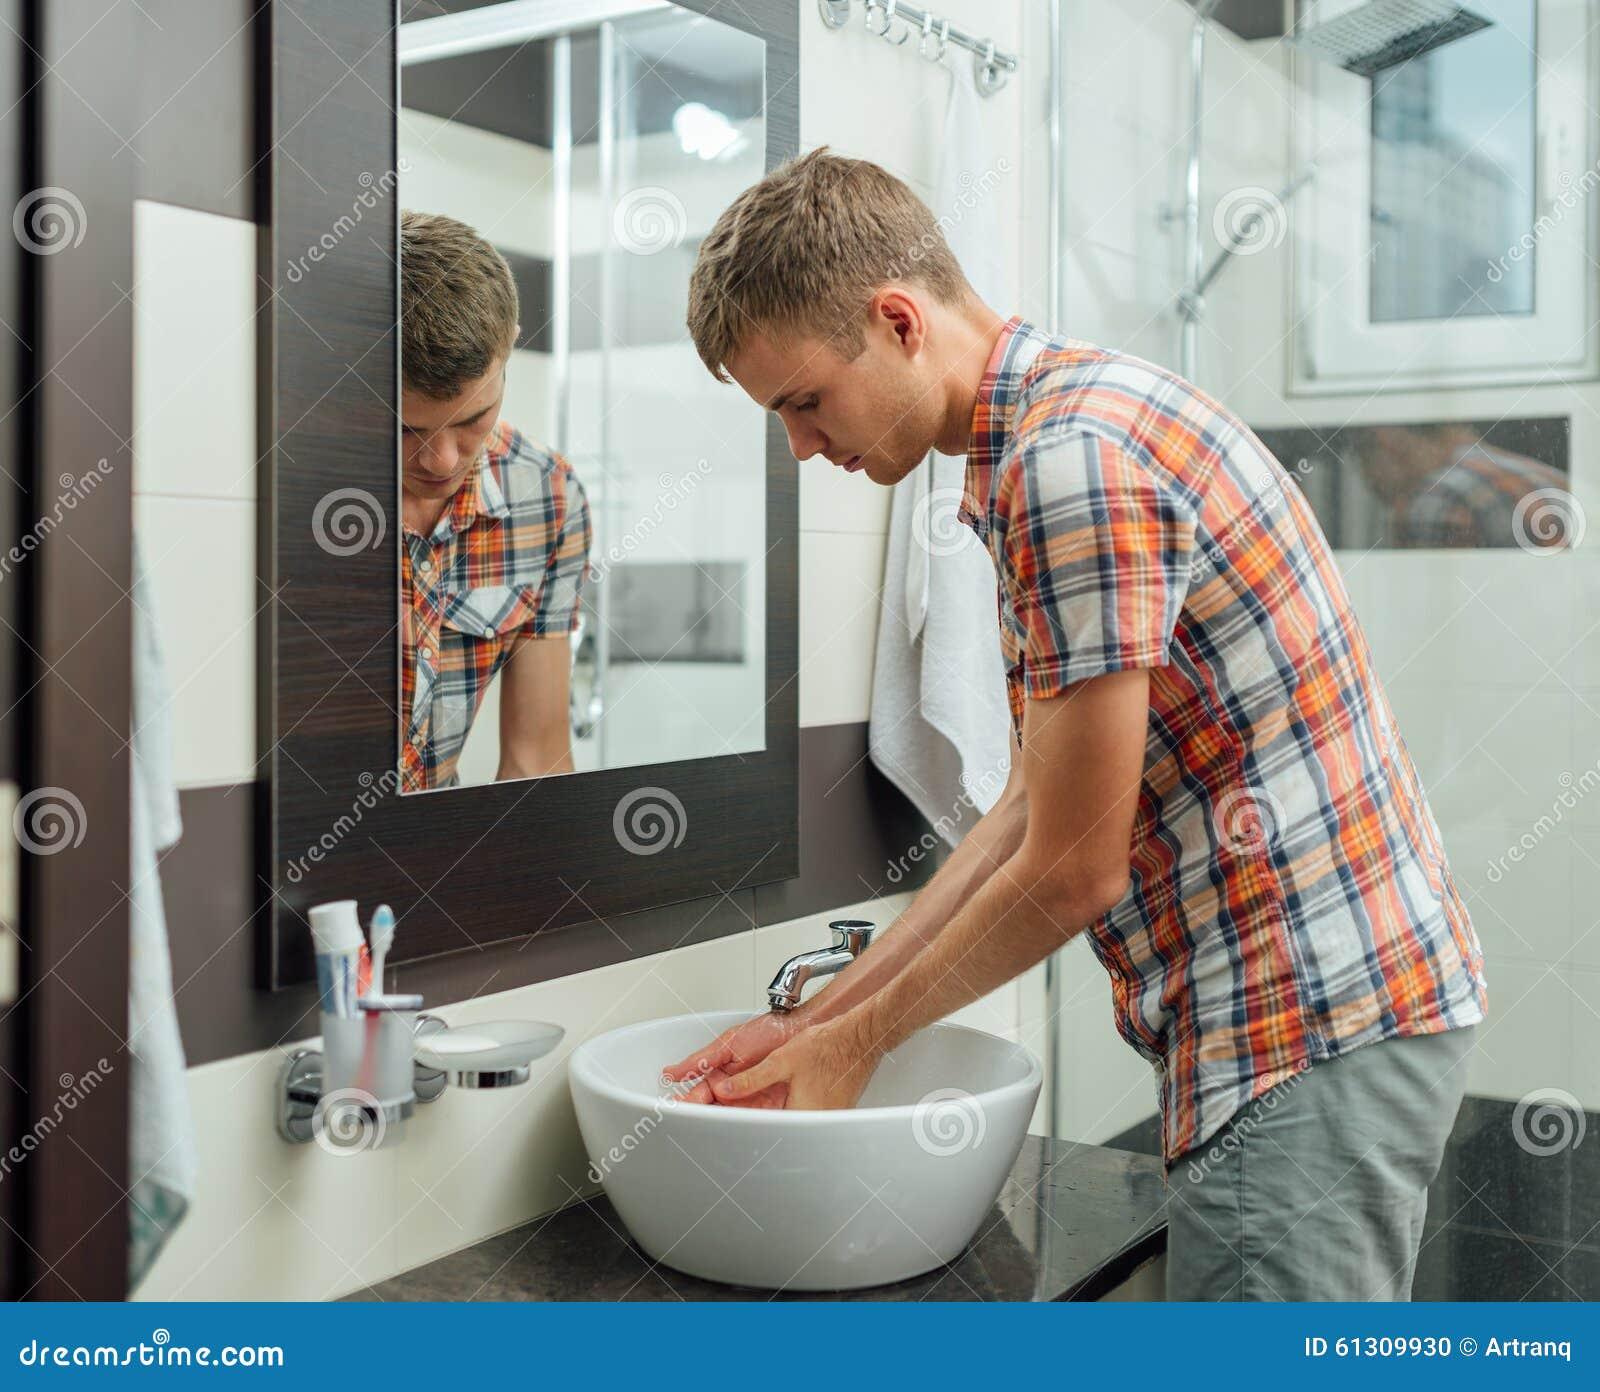 Imagen De Baño Hombre:El Hombre Se Está Lavando Las Manos En El Cuarto De Baño Foto de